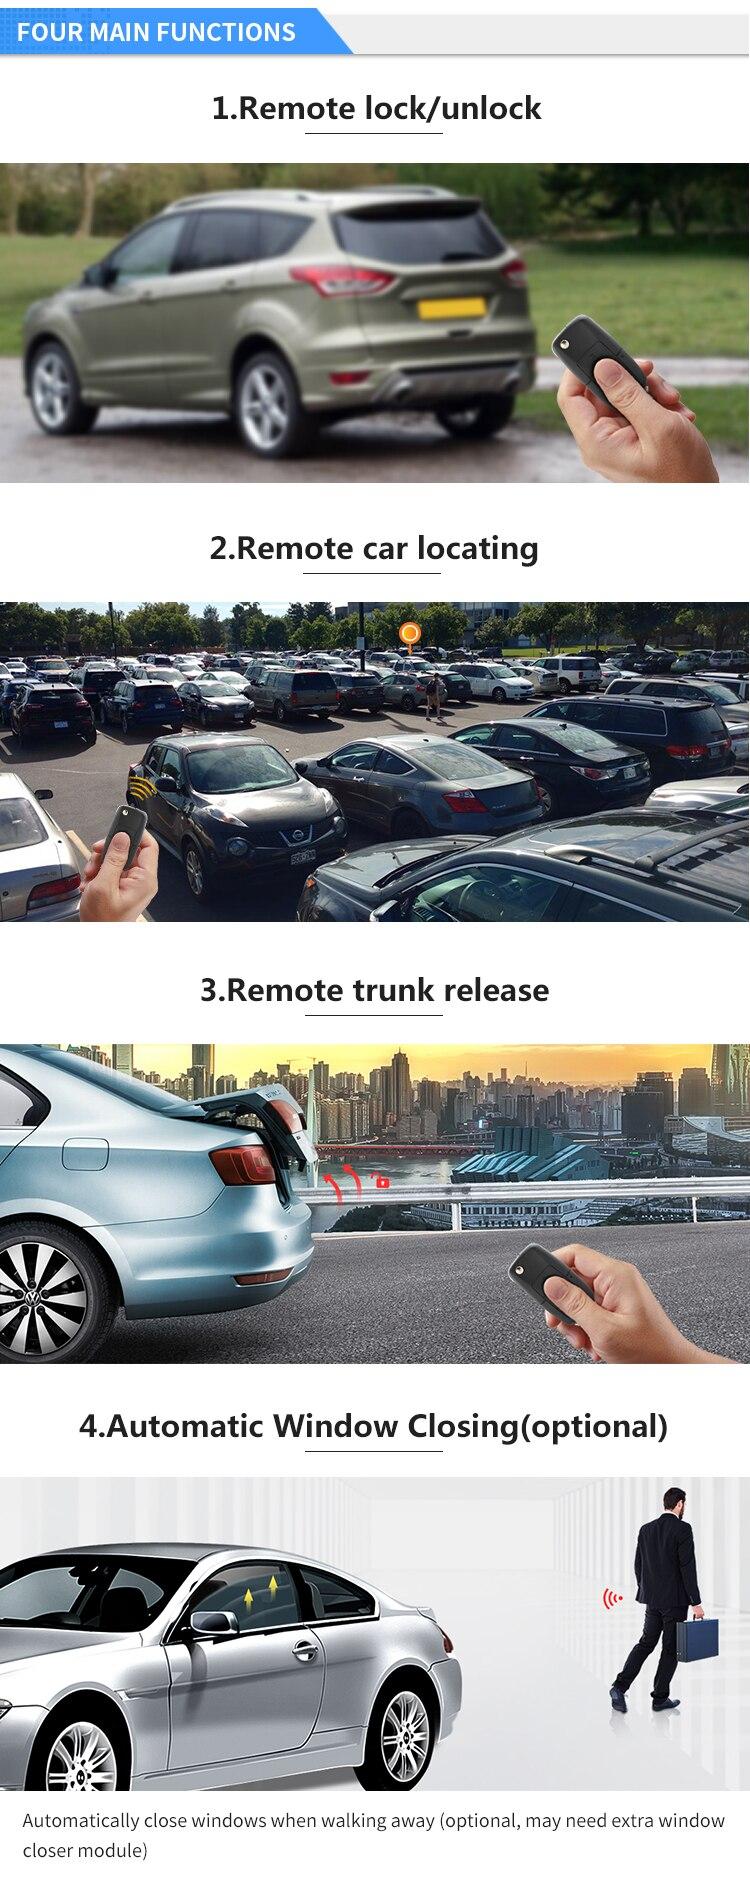 EASTGUARD автомобилей Автозапуск система ключи для удаленной блокировки автомобиля для прицепа отрицательный окно выходн